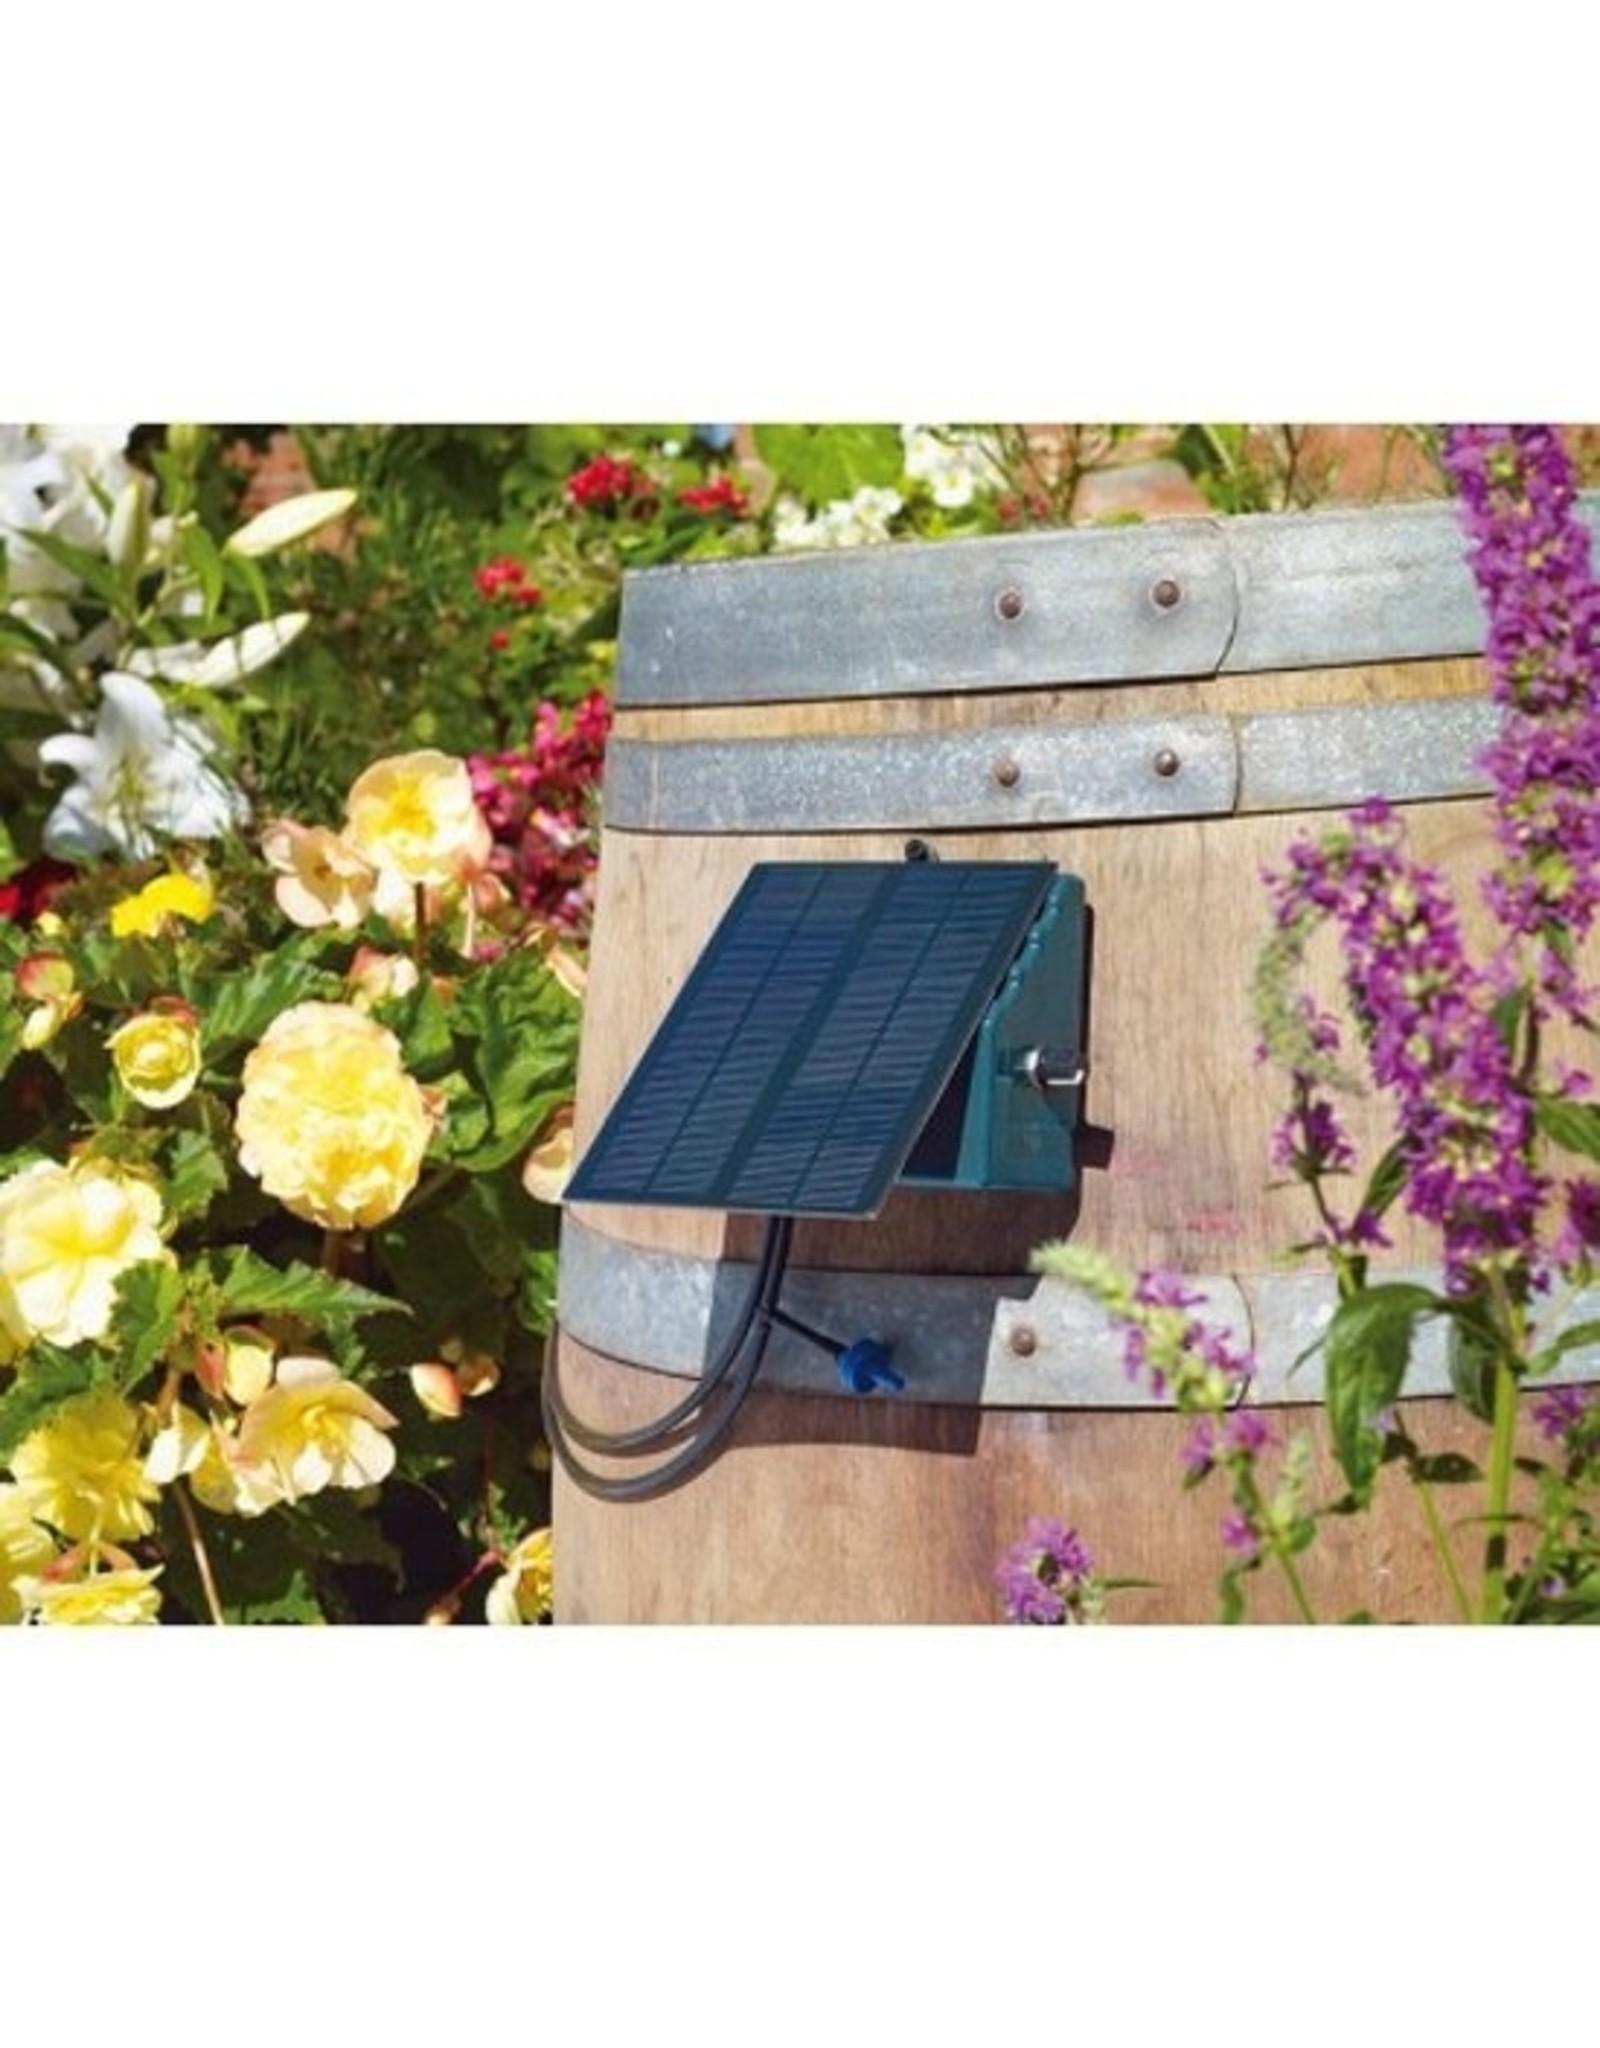 Irrigatie systeem op zonne-energie SOL-C24